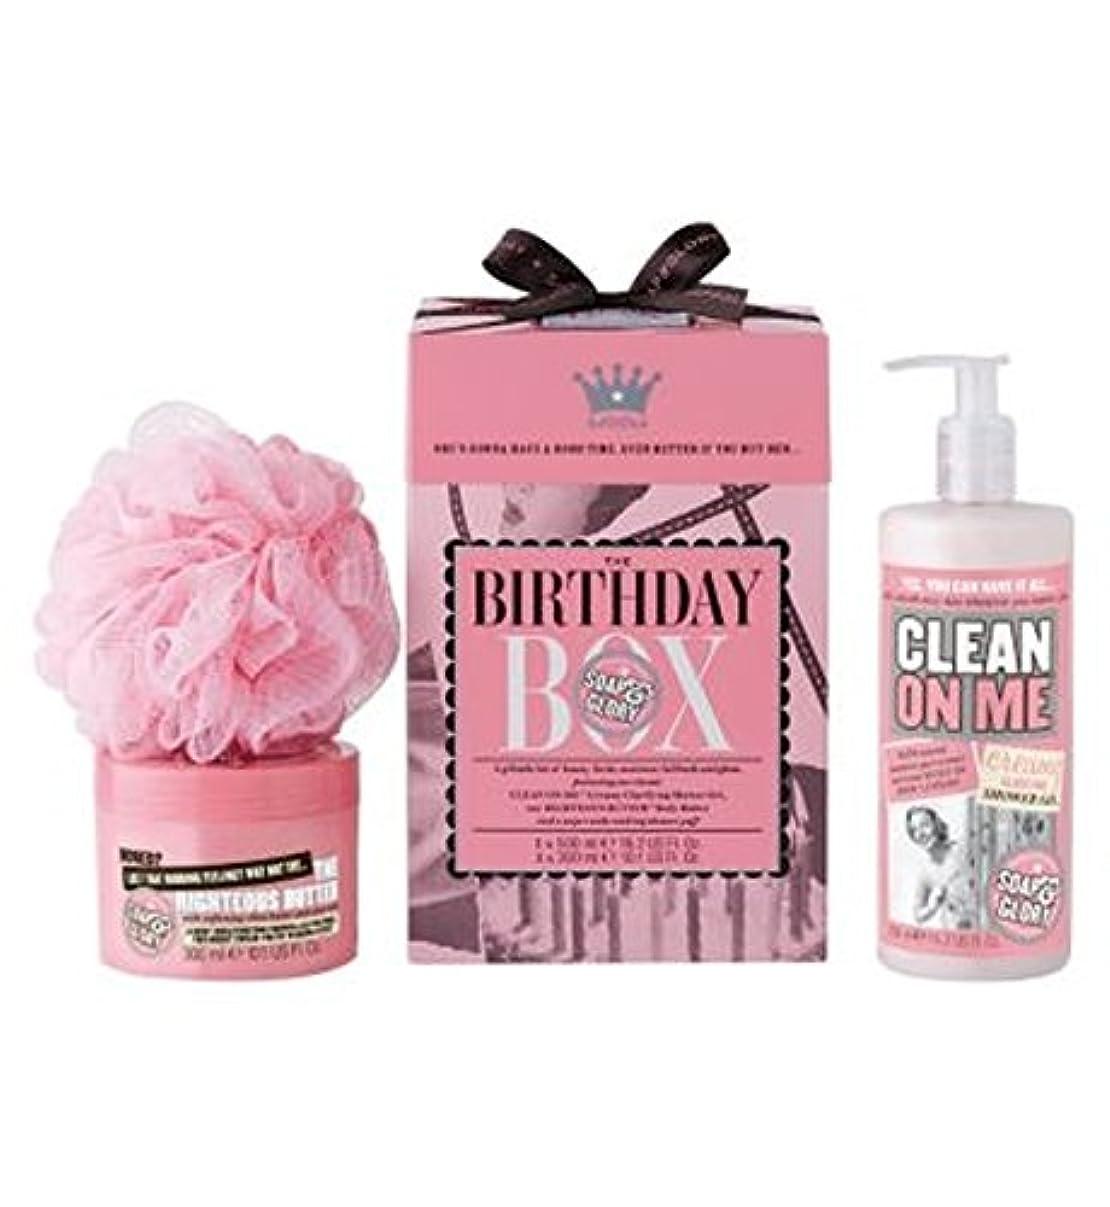 ジュース通訳四面体Soap & Glory The Birthday Box Gift Set - 石鹸&栄光の誕生日箱のギフトセット (Soap & Glory) [並行輸入品]